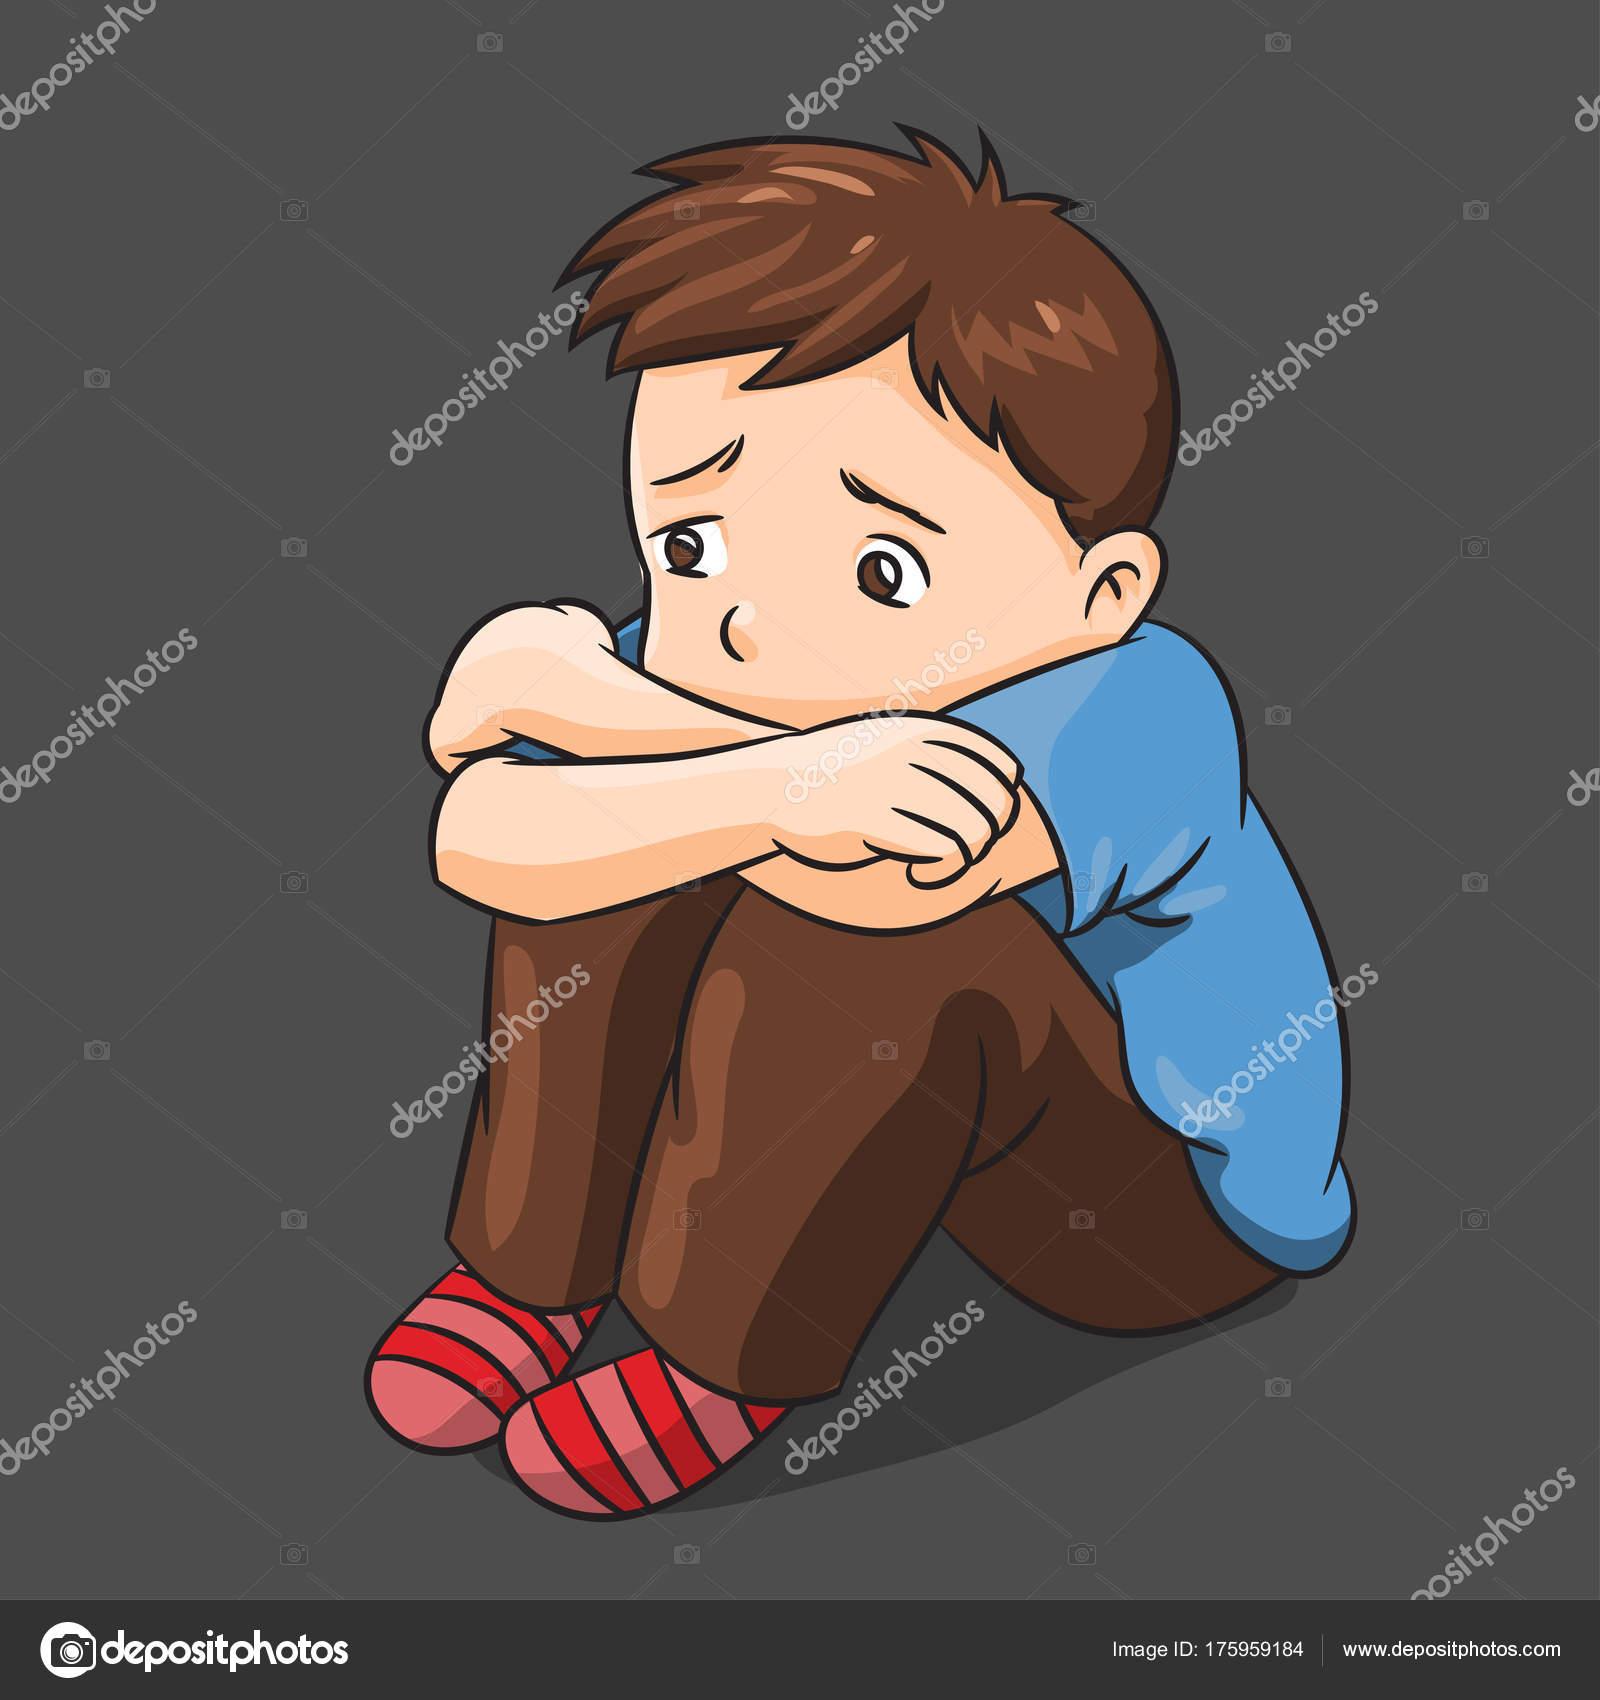 Dessin animé lonely boy illustration vectorielle image vectorielle